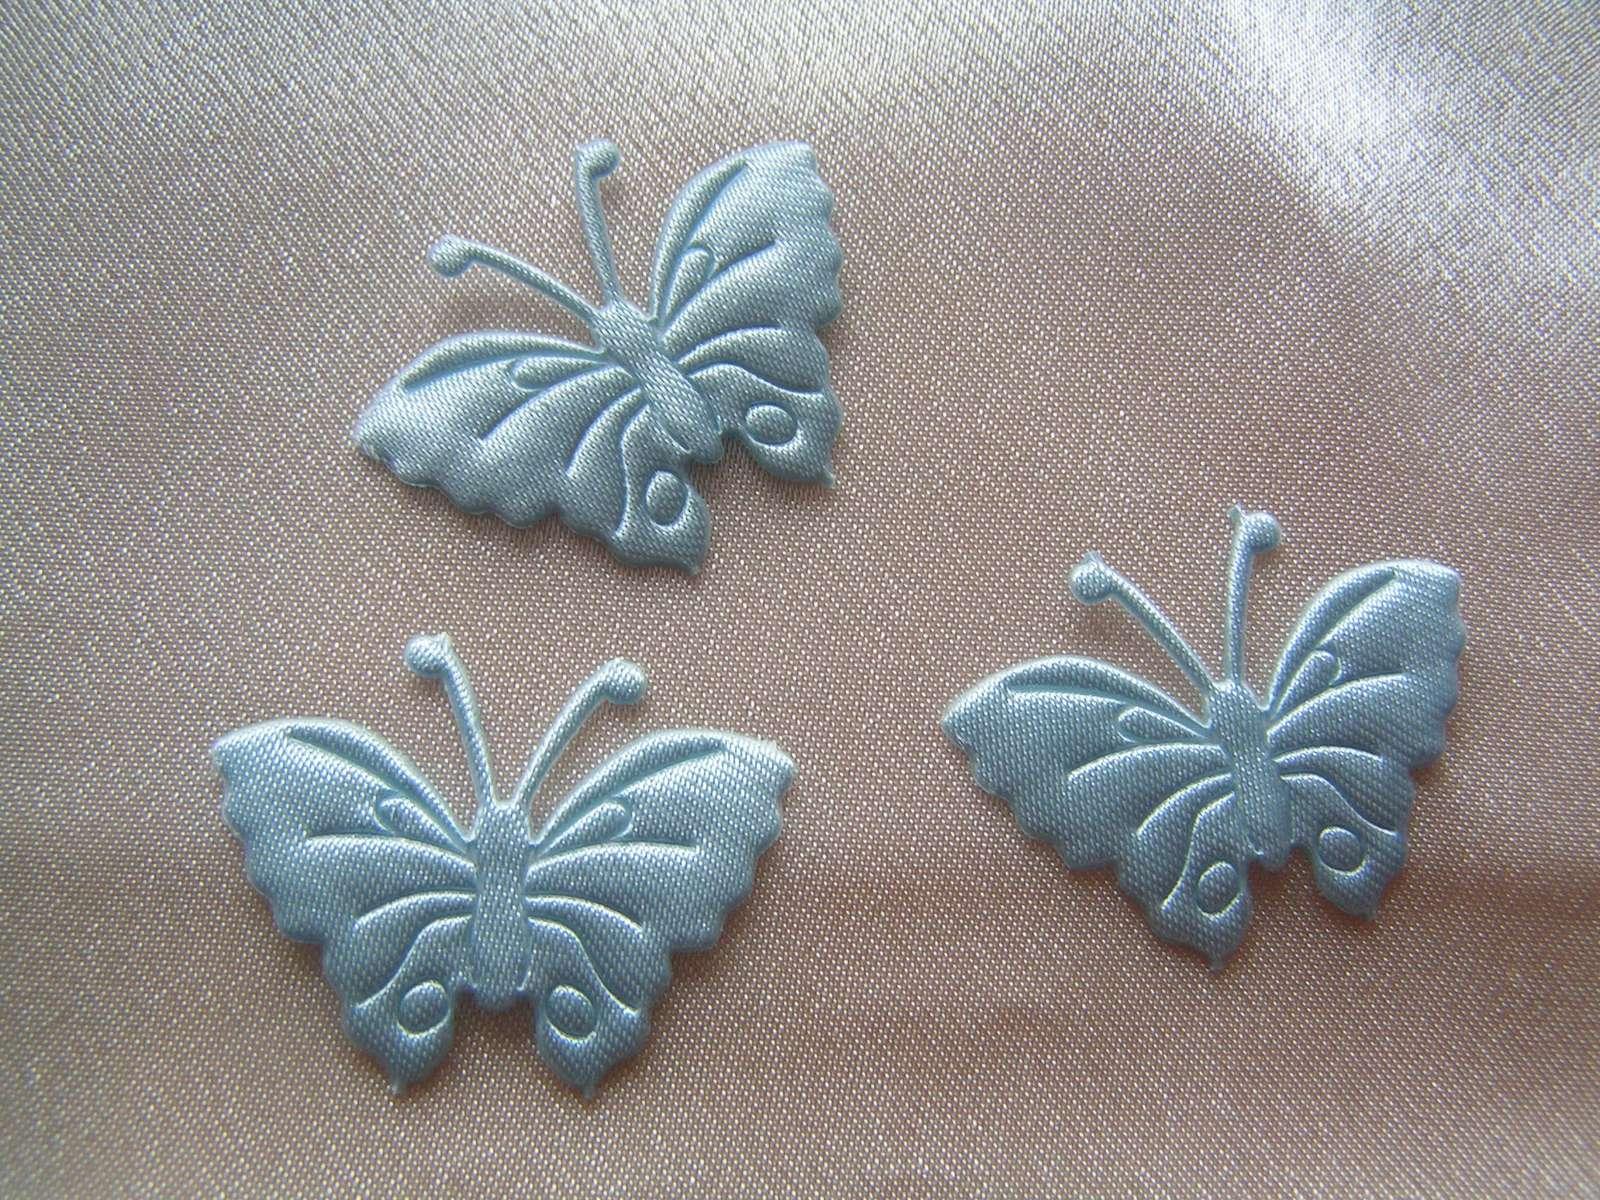 Saténoví motýlci - Obrázek č. 1